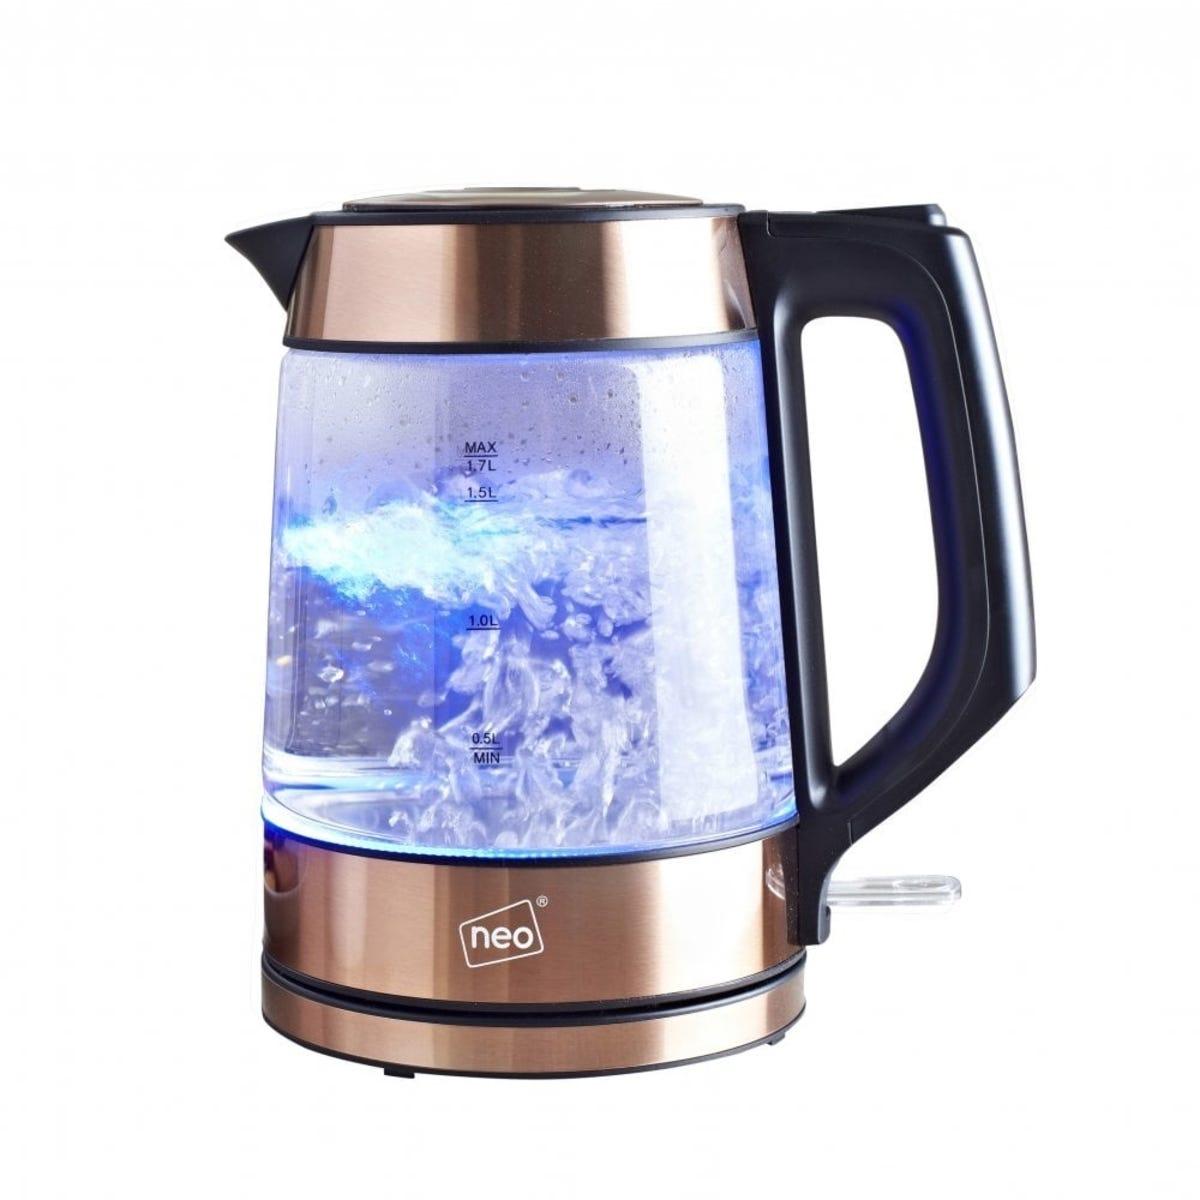 Neo 2000W 1.7L Cordless Nordic Illuminated Glass Jug Kettle - Copper